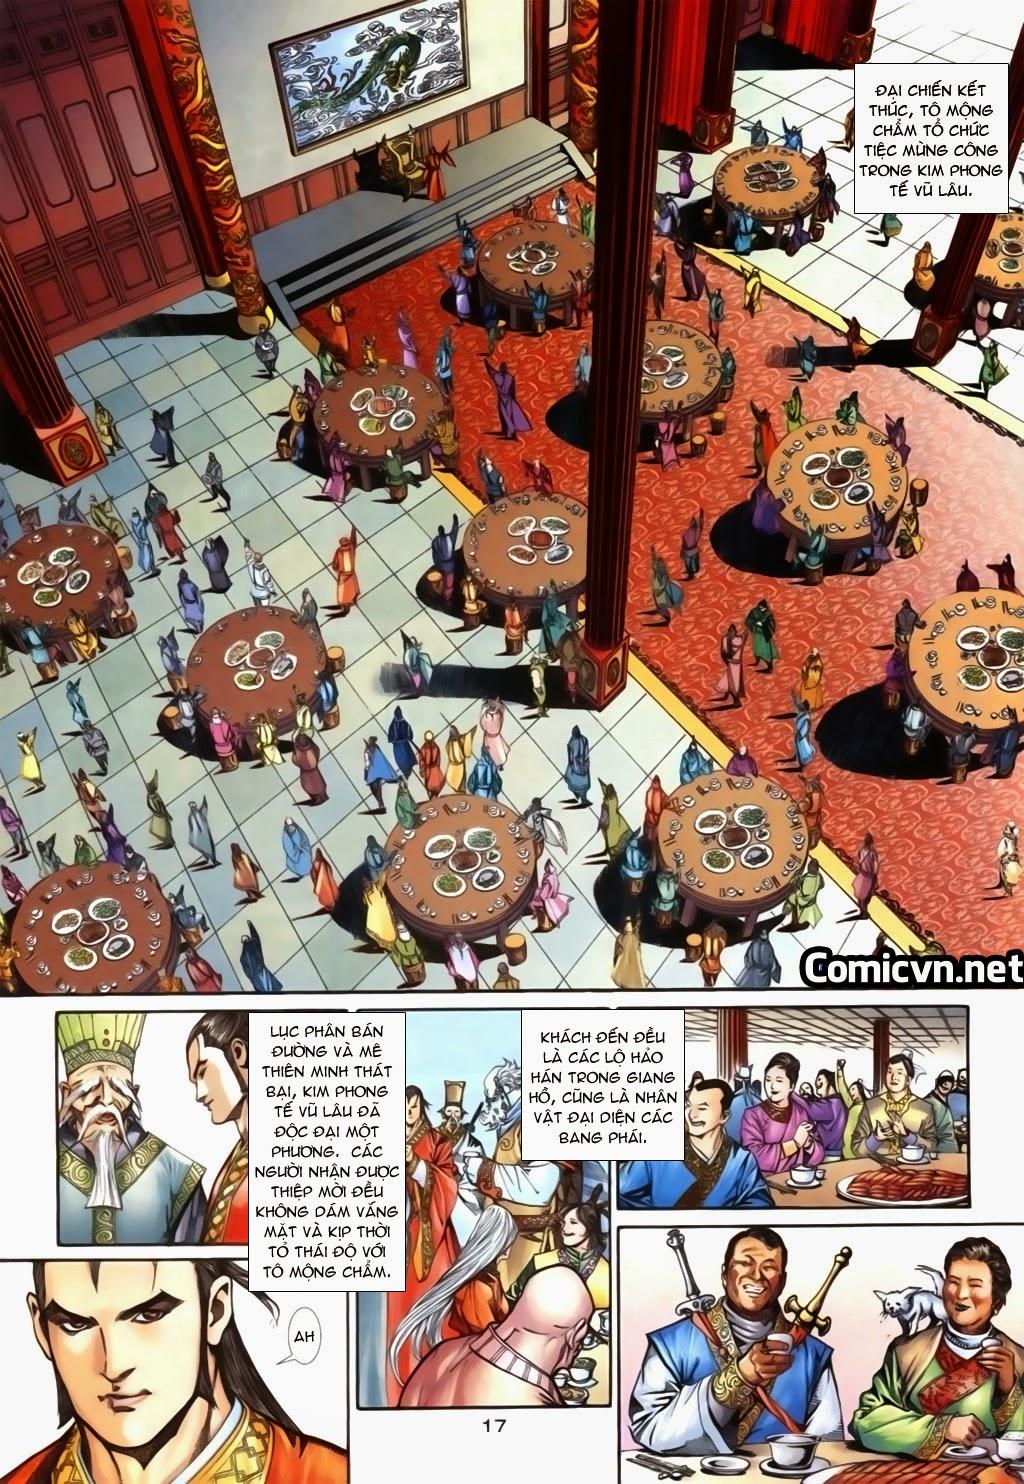 Thuyết Anh Hùng Thùy Thị Anh Hùng chap 16 Trang 18 - Mangak.info